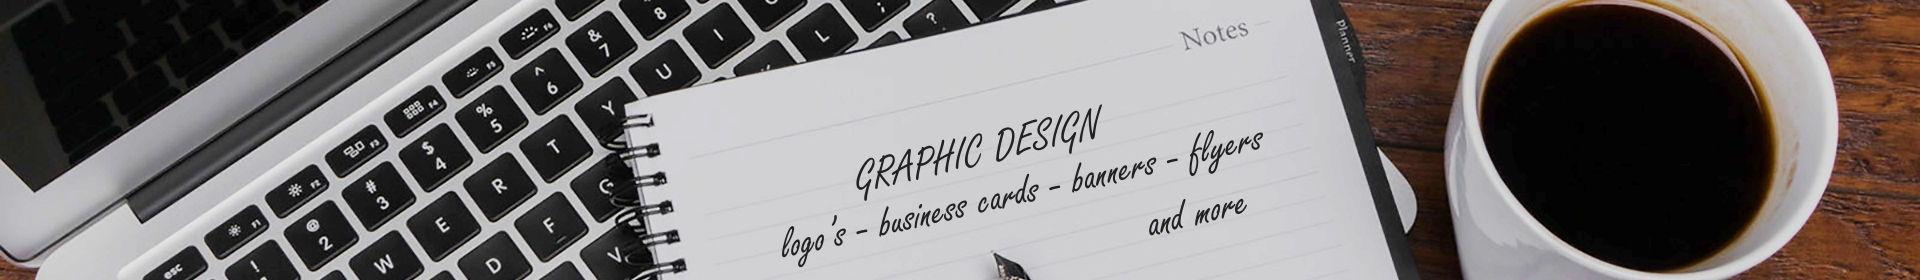 Graphic Design - Graphic Designers - Designing Services